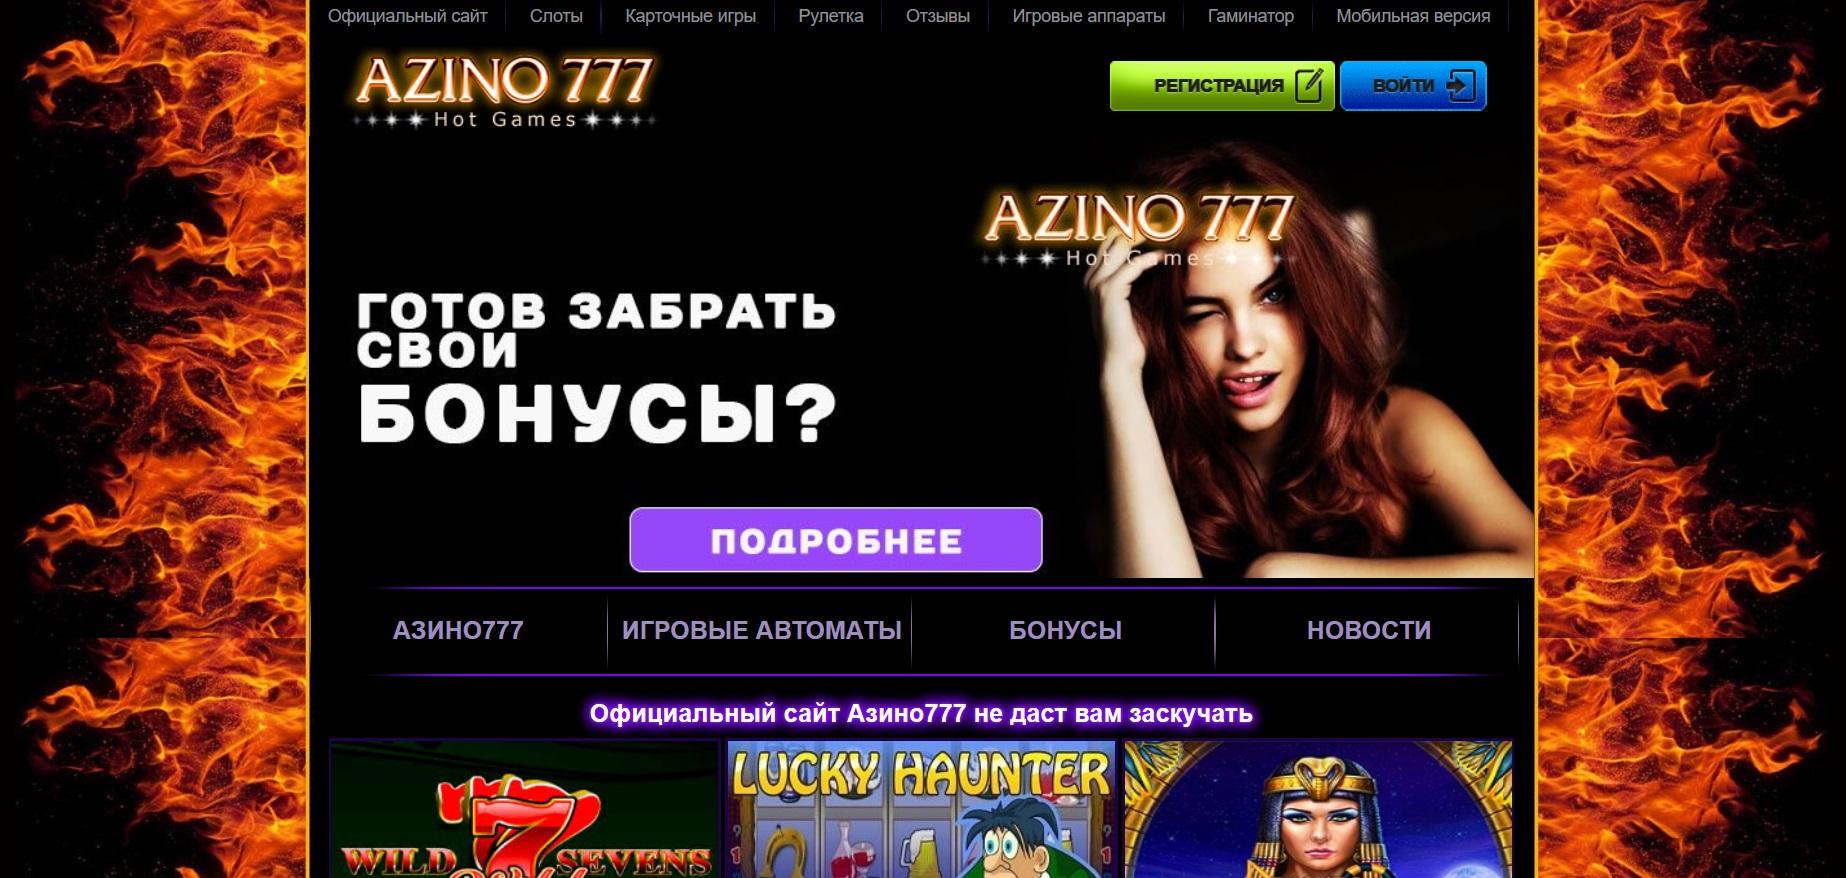 www mobile azino